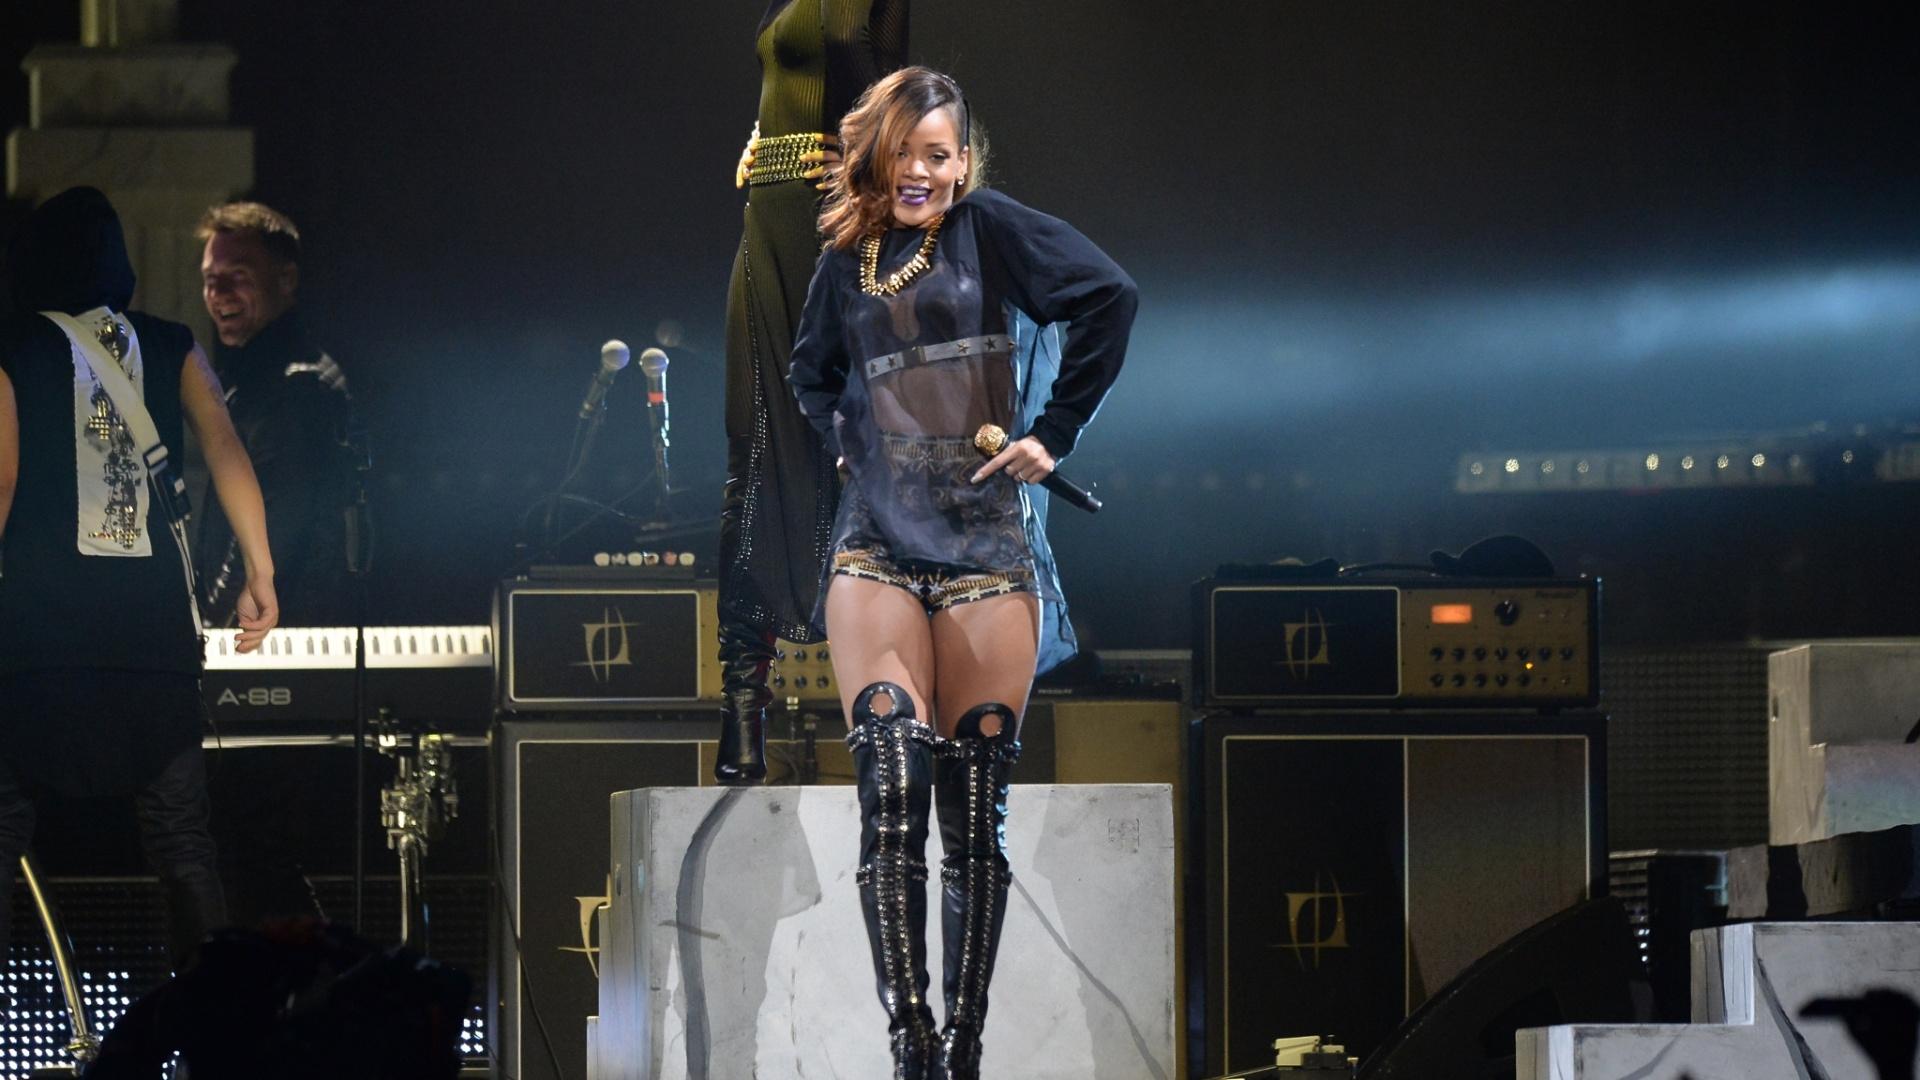 A cantora Rihanna, que lançou o álbum